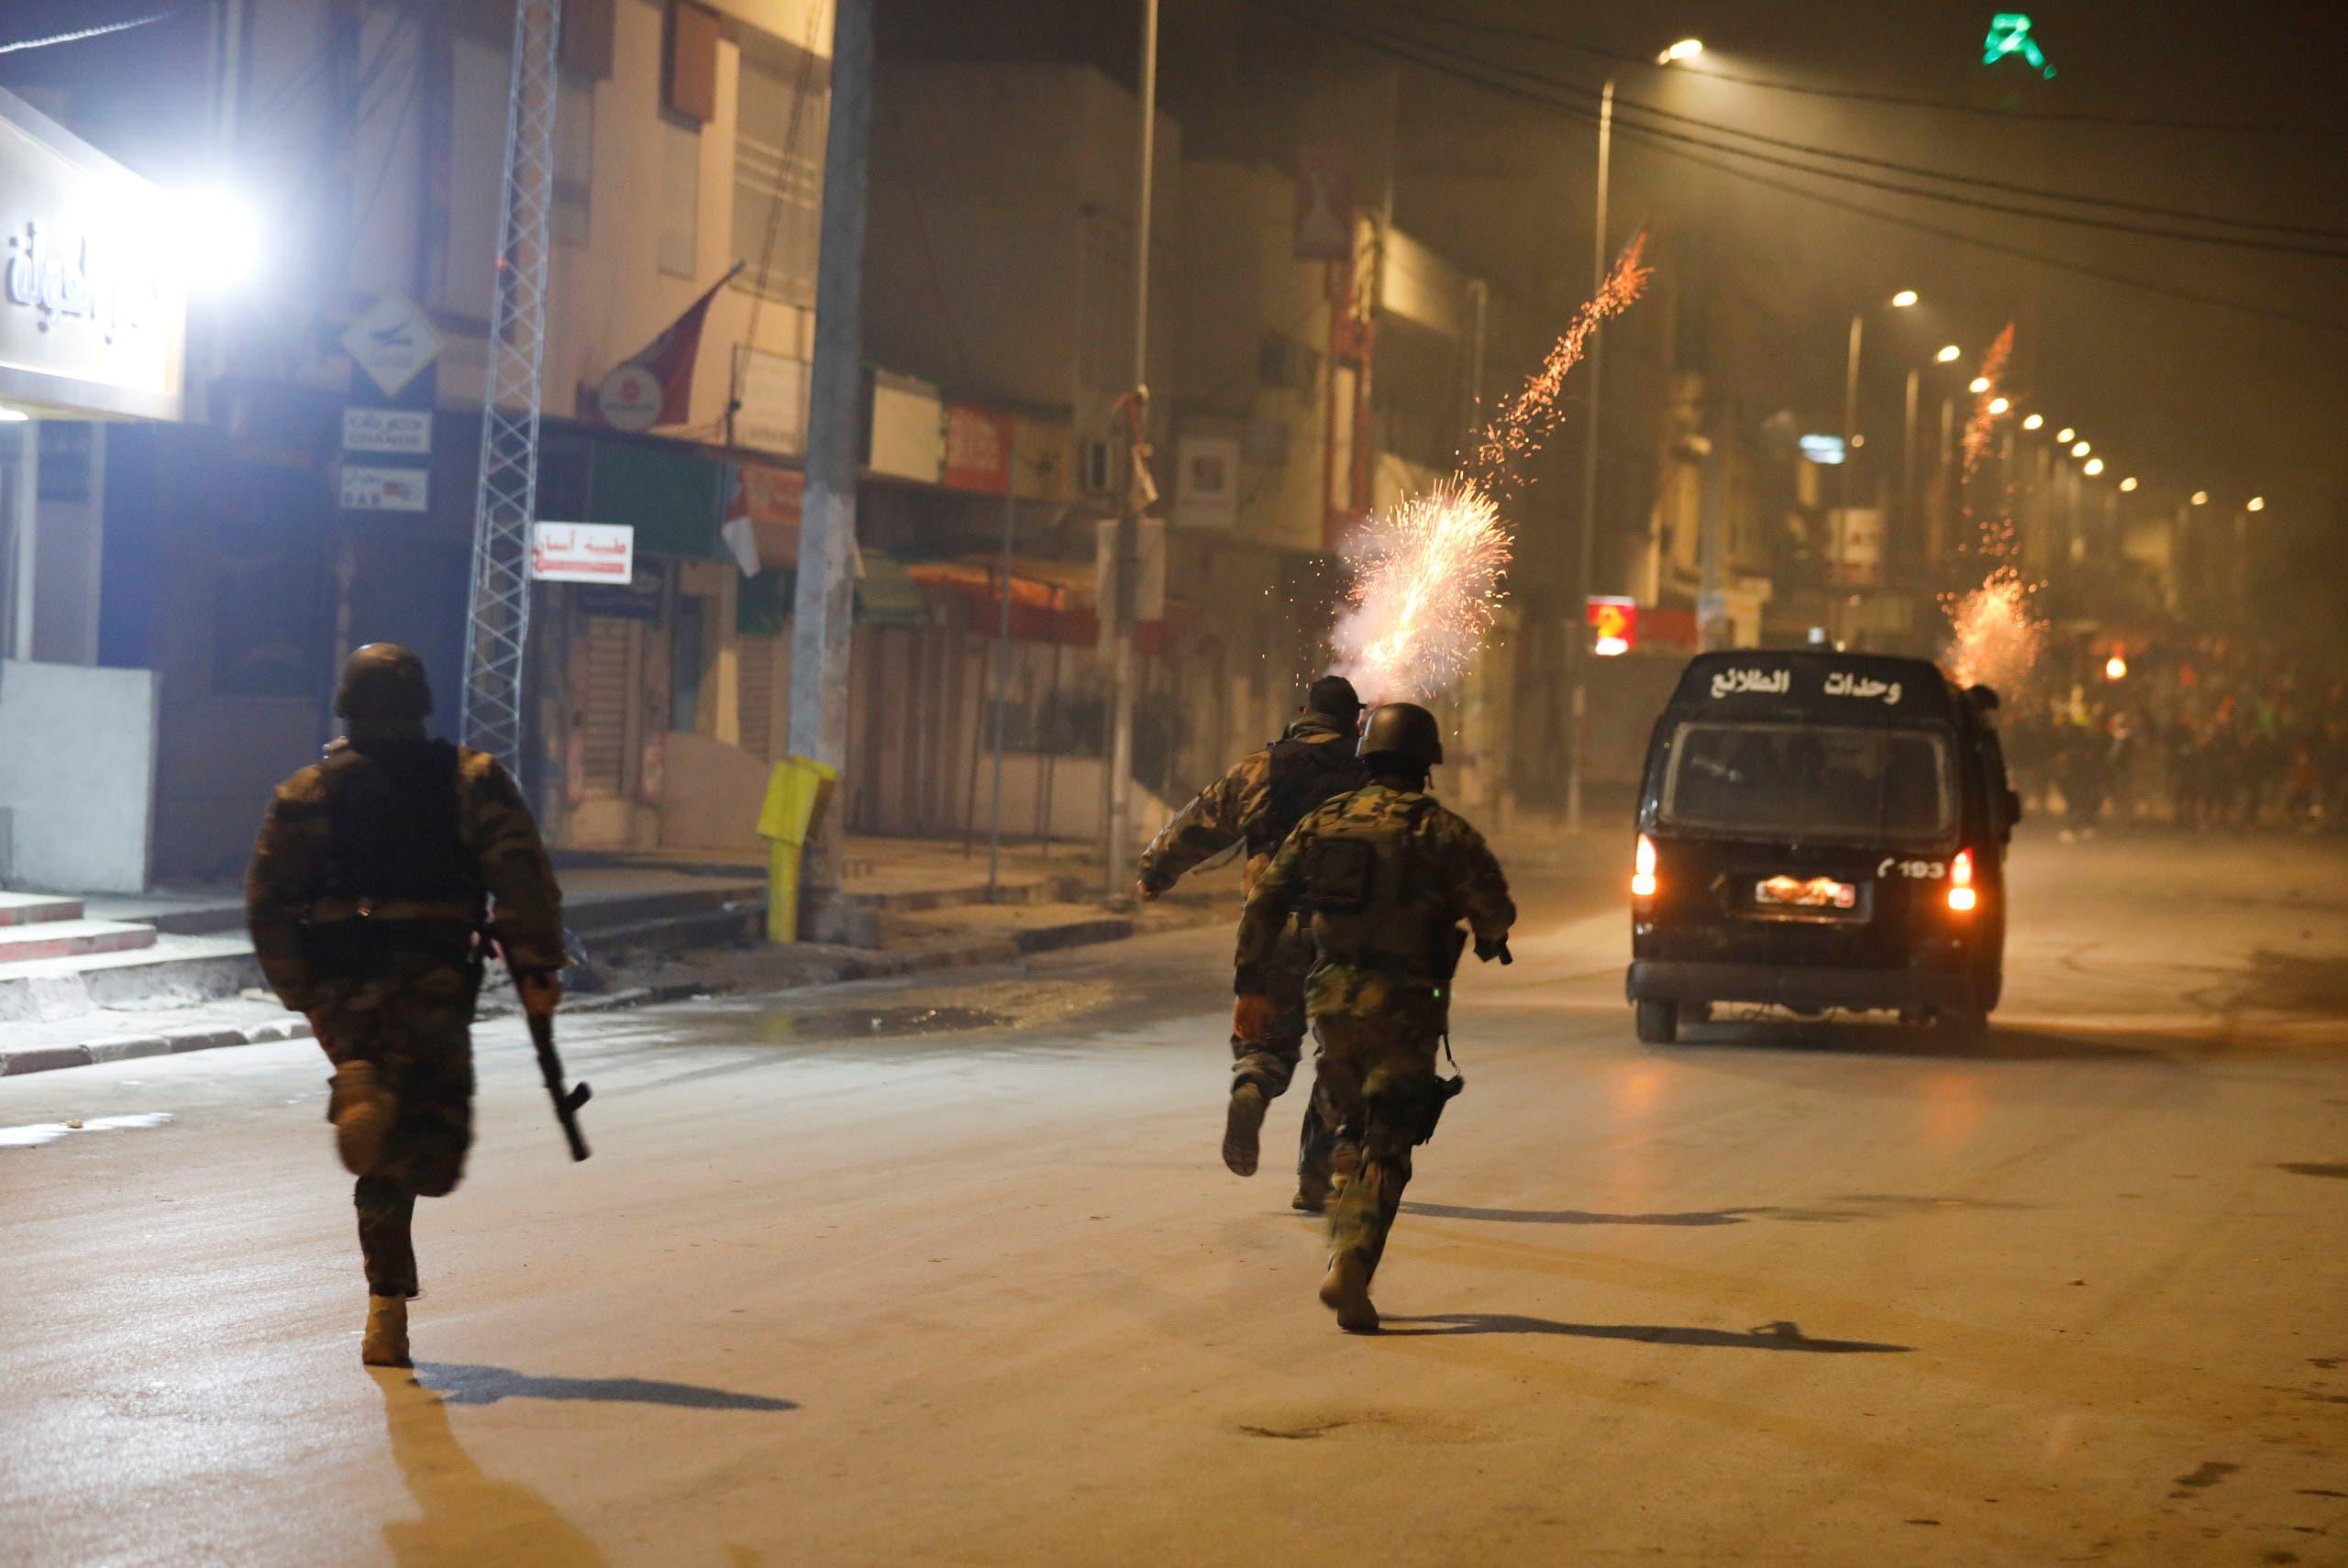 اشتباكات بين قوات الأمن والمتظاهرين خلال احتجاجات تونس يوم 18 يناير